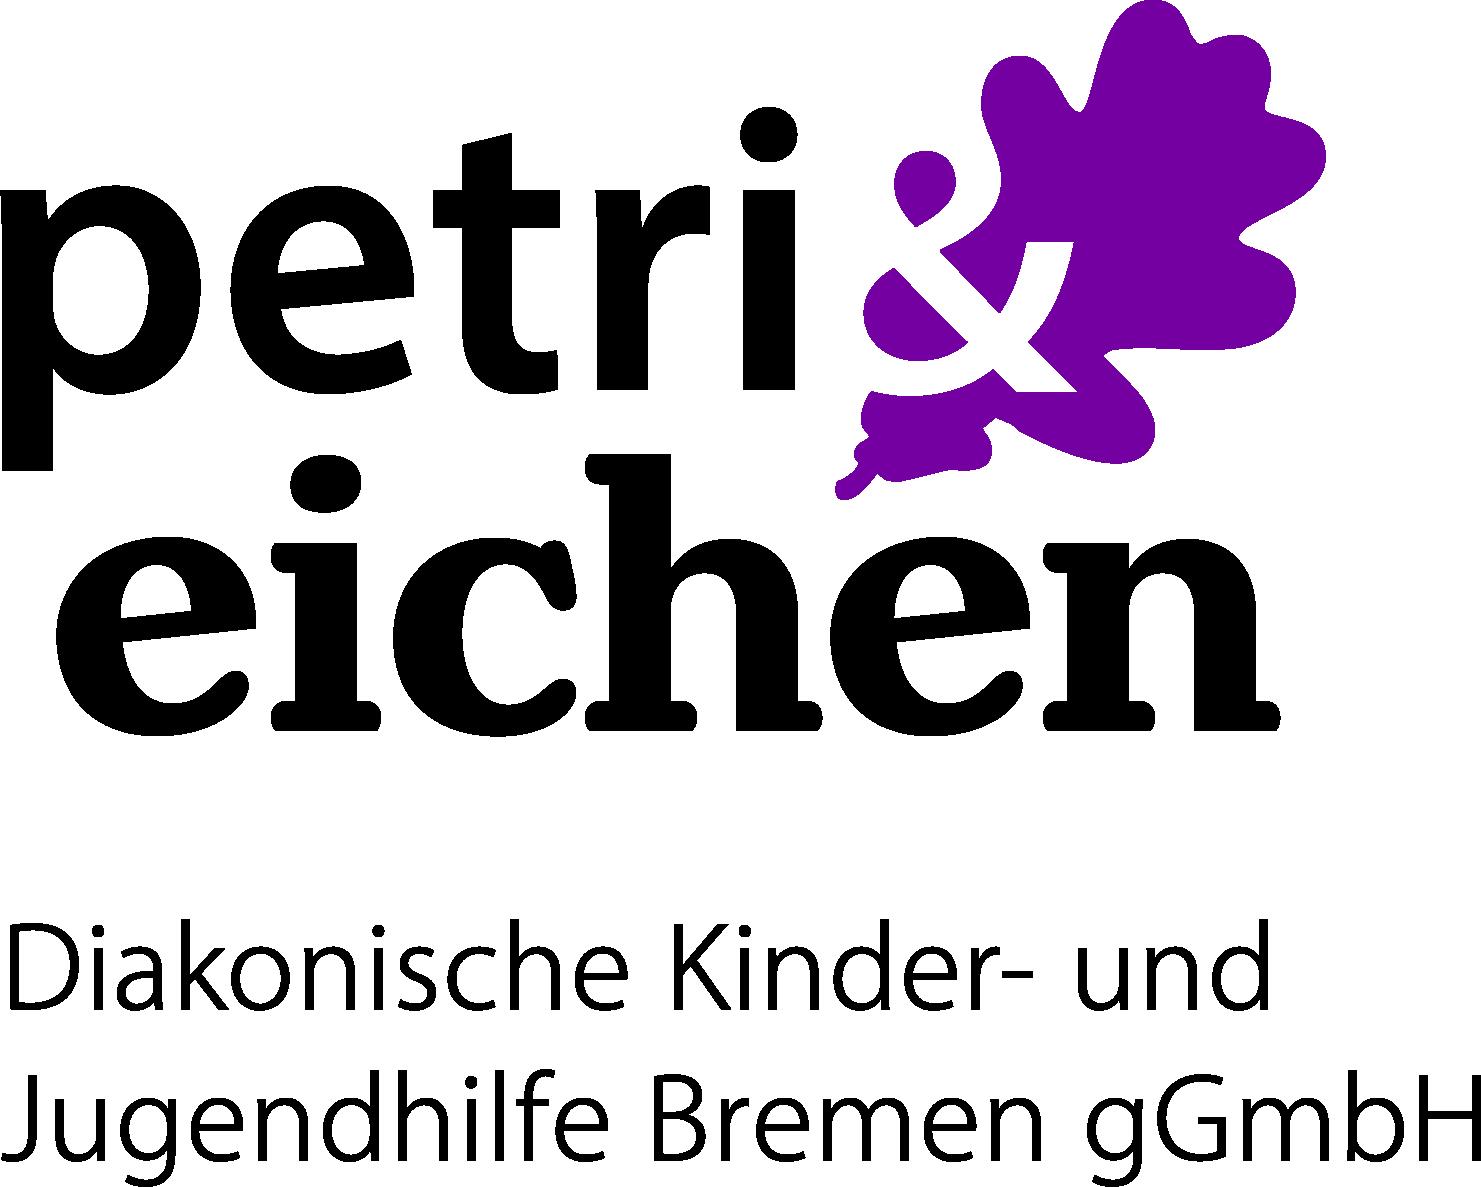 Logo: Petri & Eichen, Diakonische Kinder und Jugendhilfe Bremen gGmbH